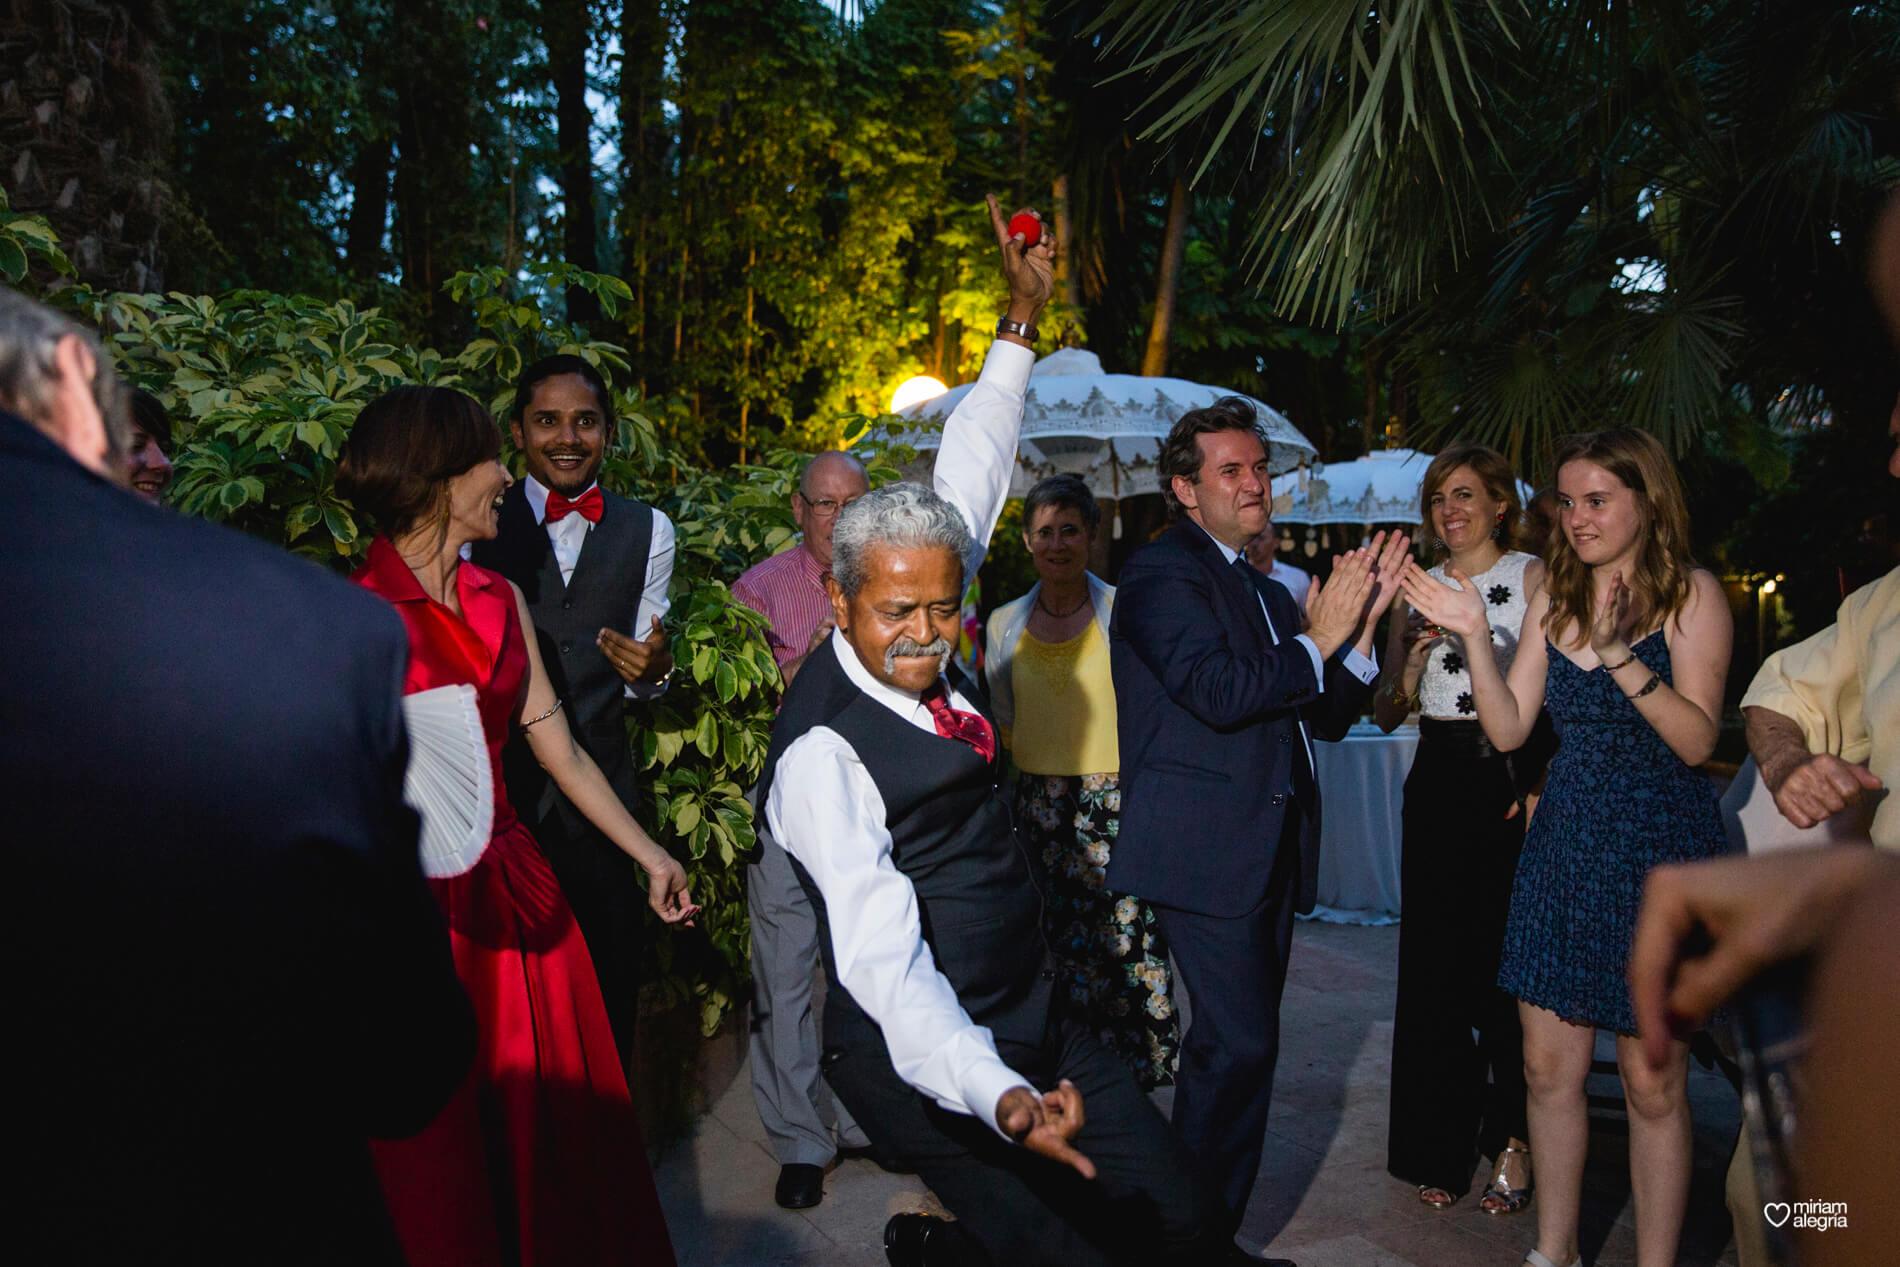 wedding-huerto-del-cura-elche-miriam-alegria-fotografos-boda-72